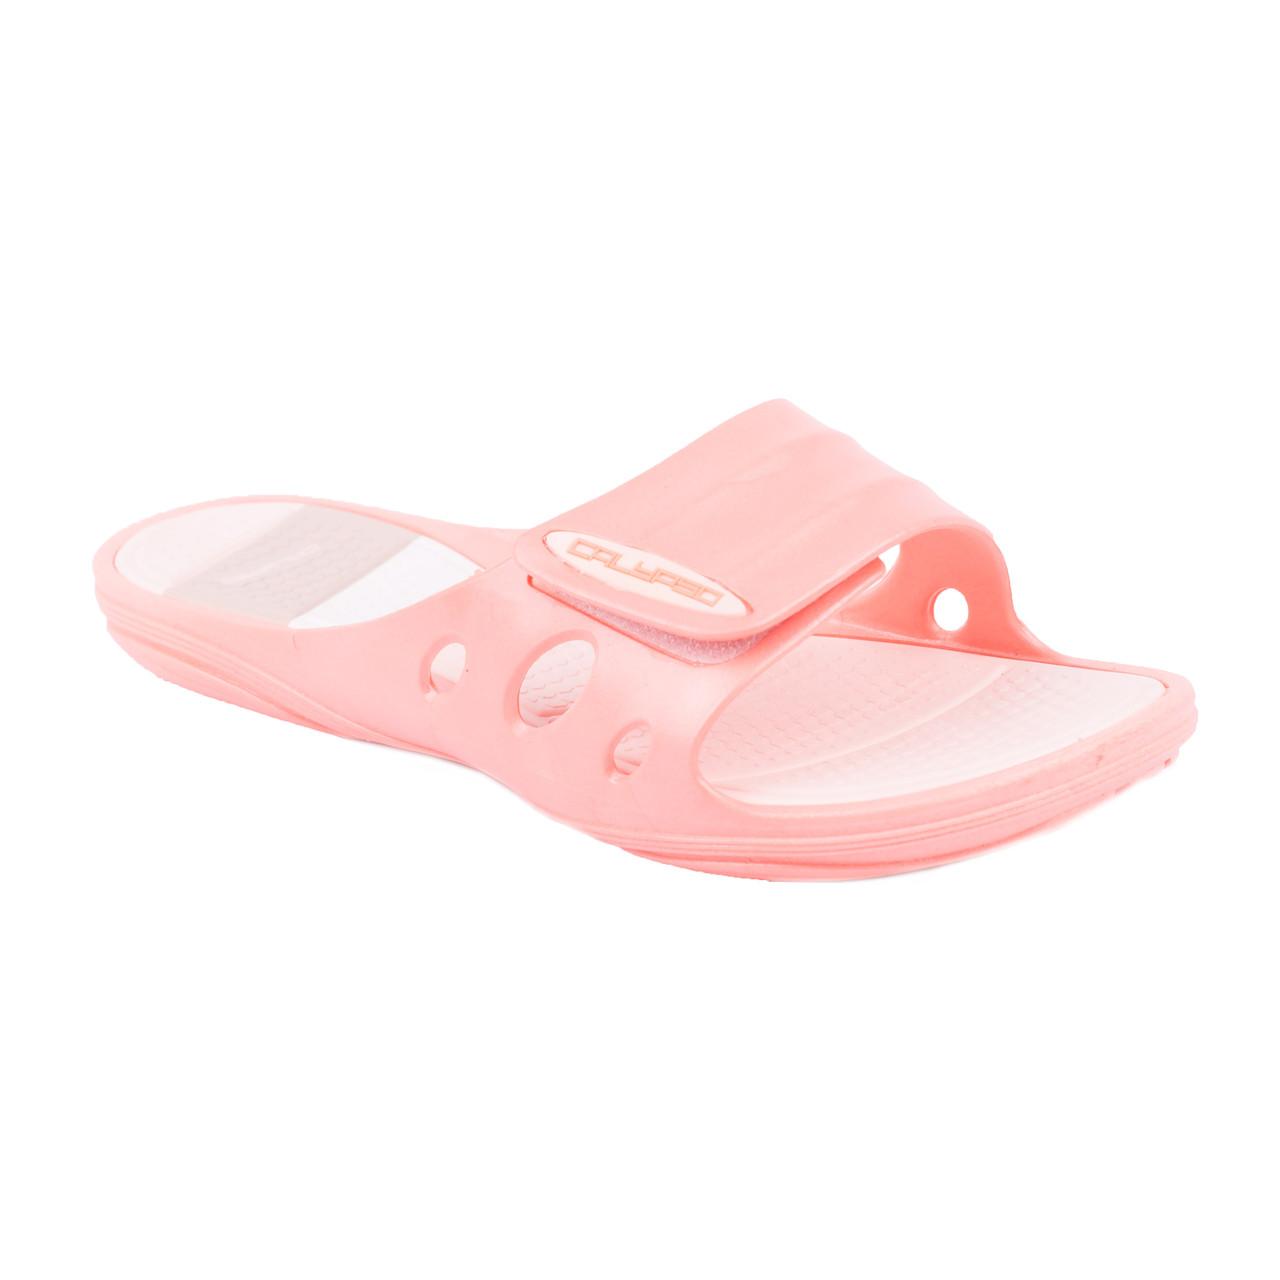 Шлепанцы женские Calypso (light pink)